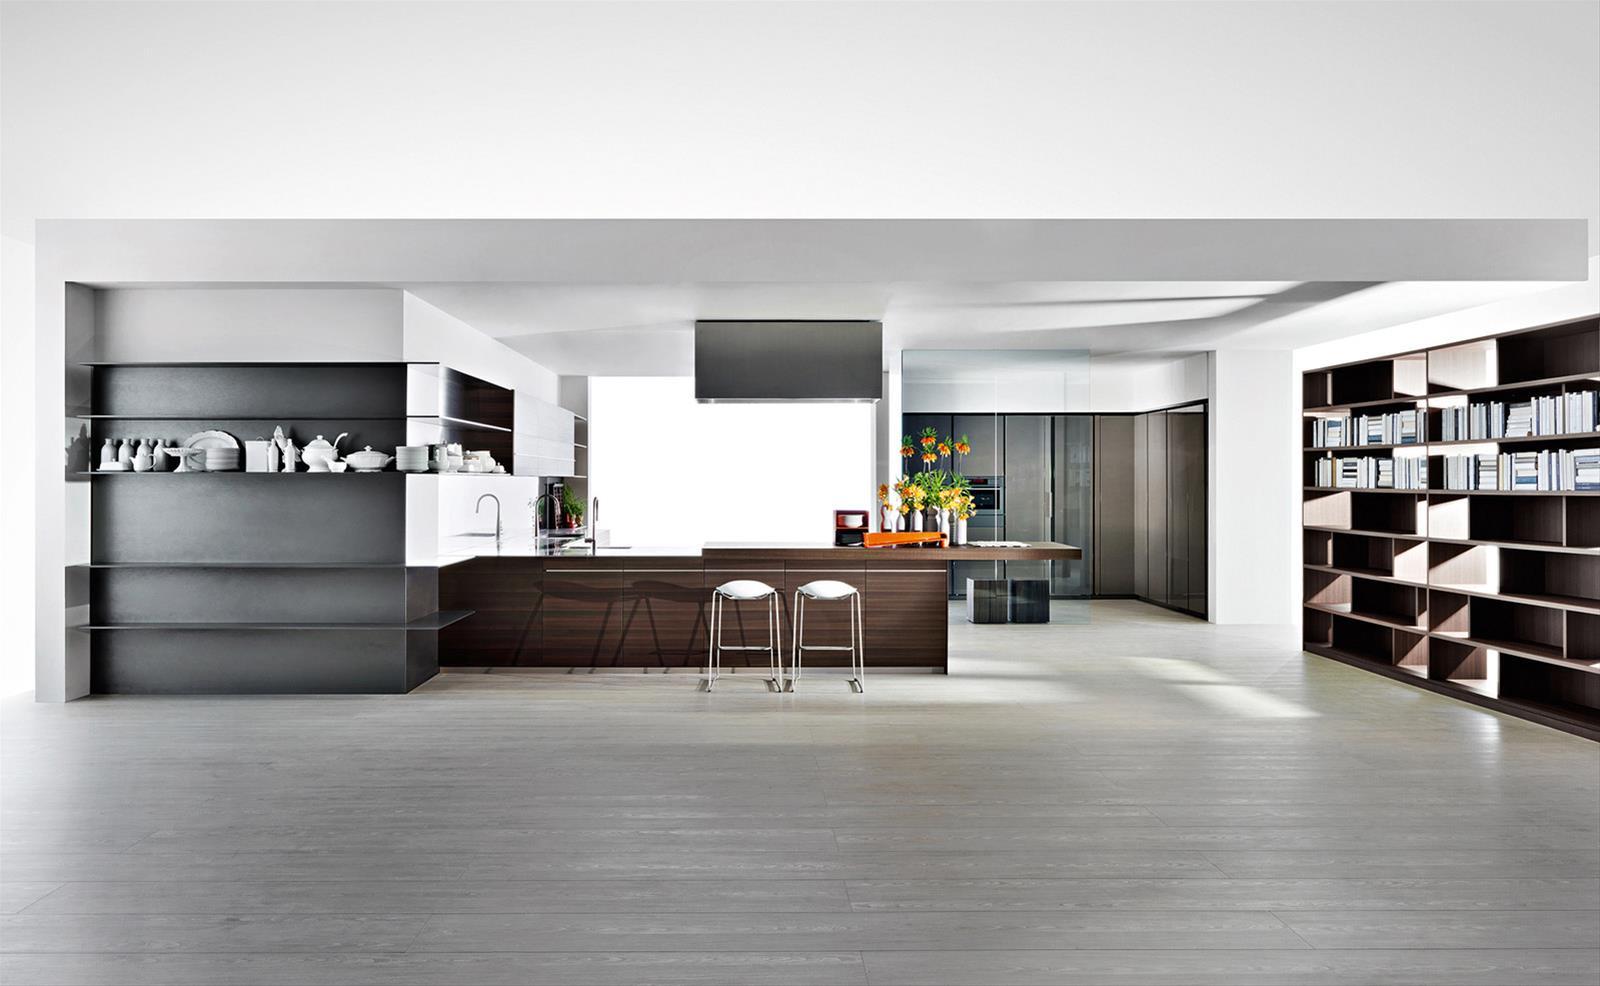 Cucine Di Lusso Design : Vela dada cucine cucine di lusso dante bonuccelli